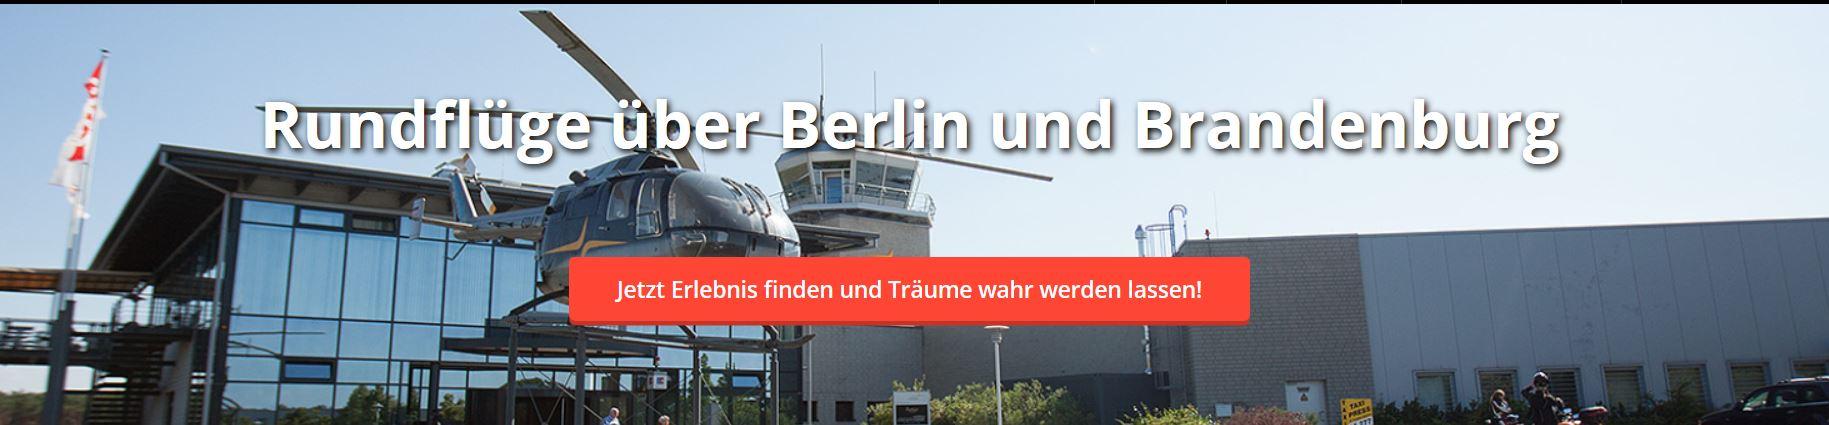 Rundflug über Berlin